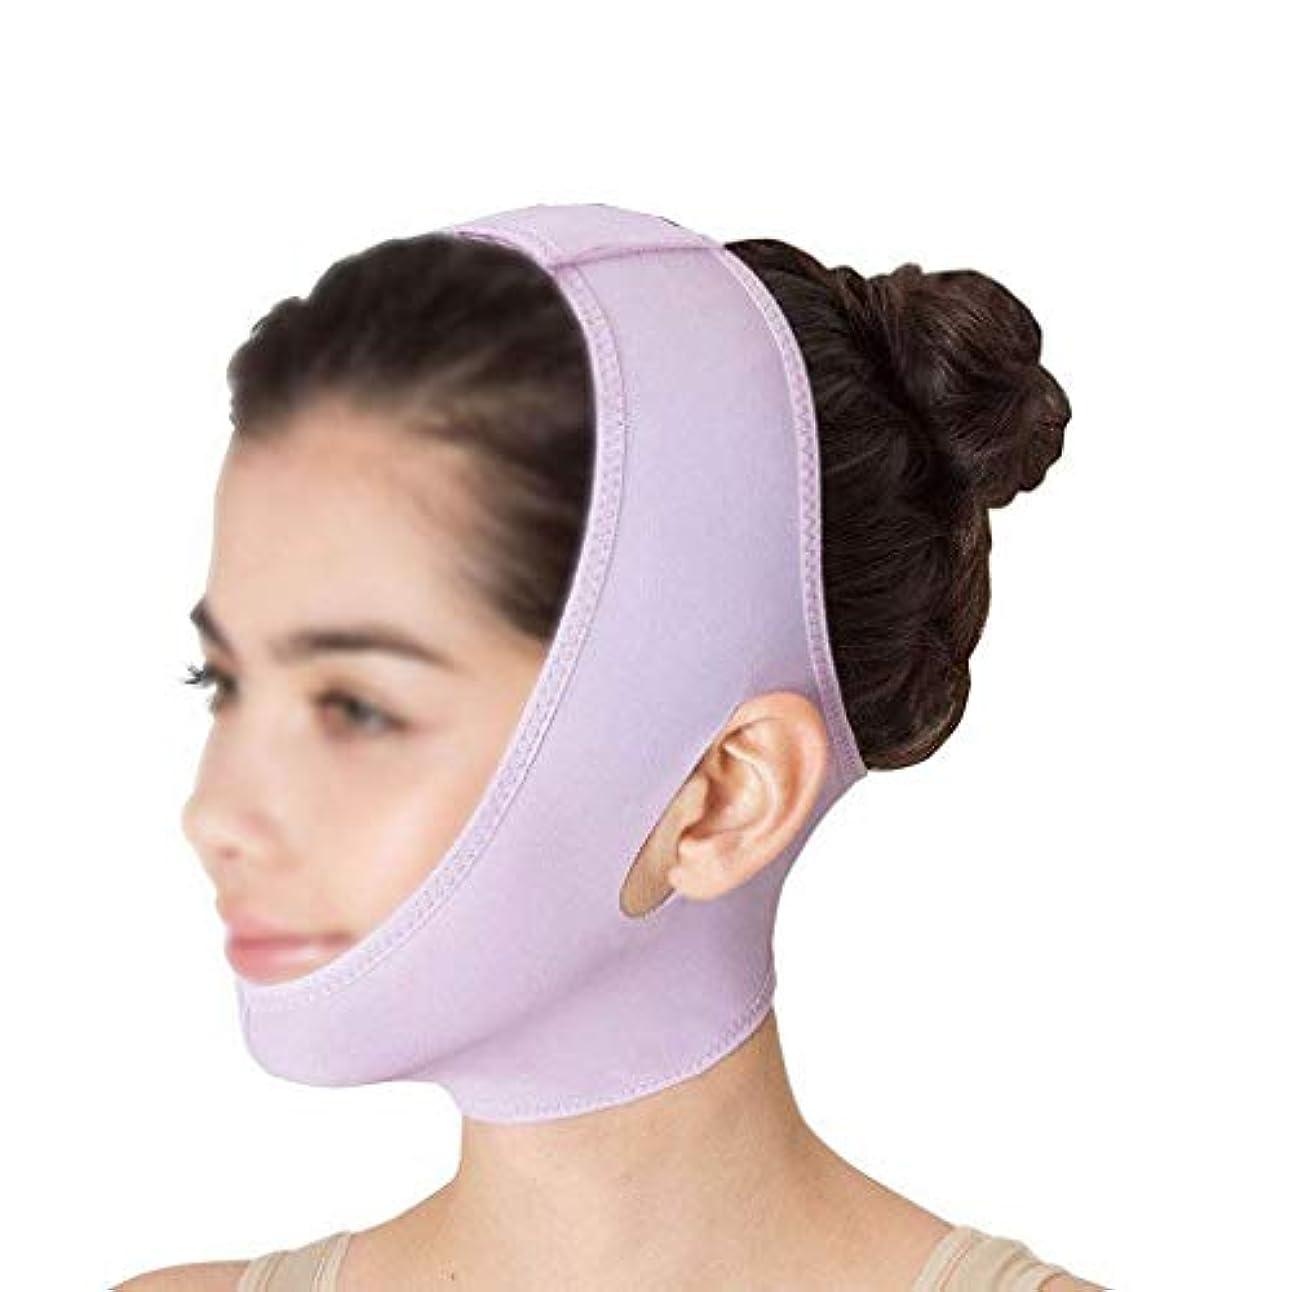 展望台スツール鷹薄いフェイスマスク ビームフェイス、薄いダブルチンでスリーピングマスクの下の頬を防ぎ、小さなVフェイスを作成